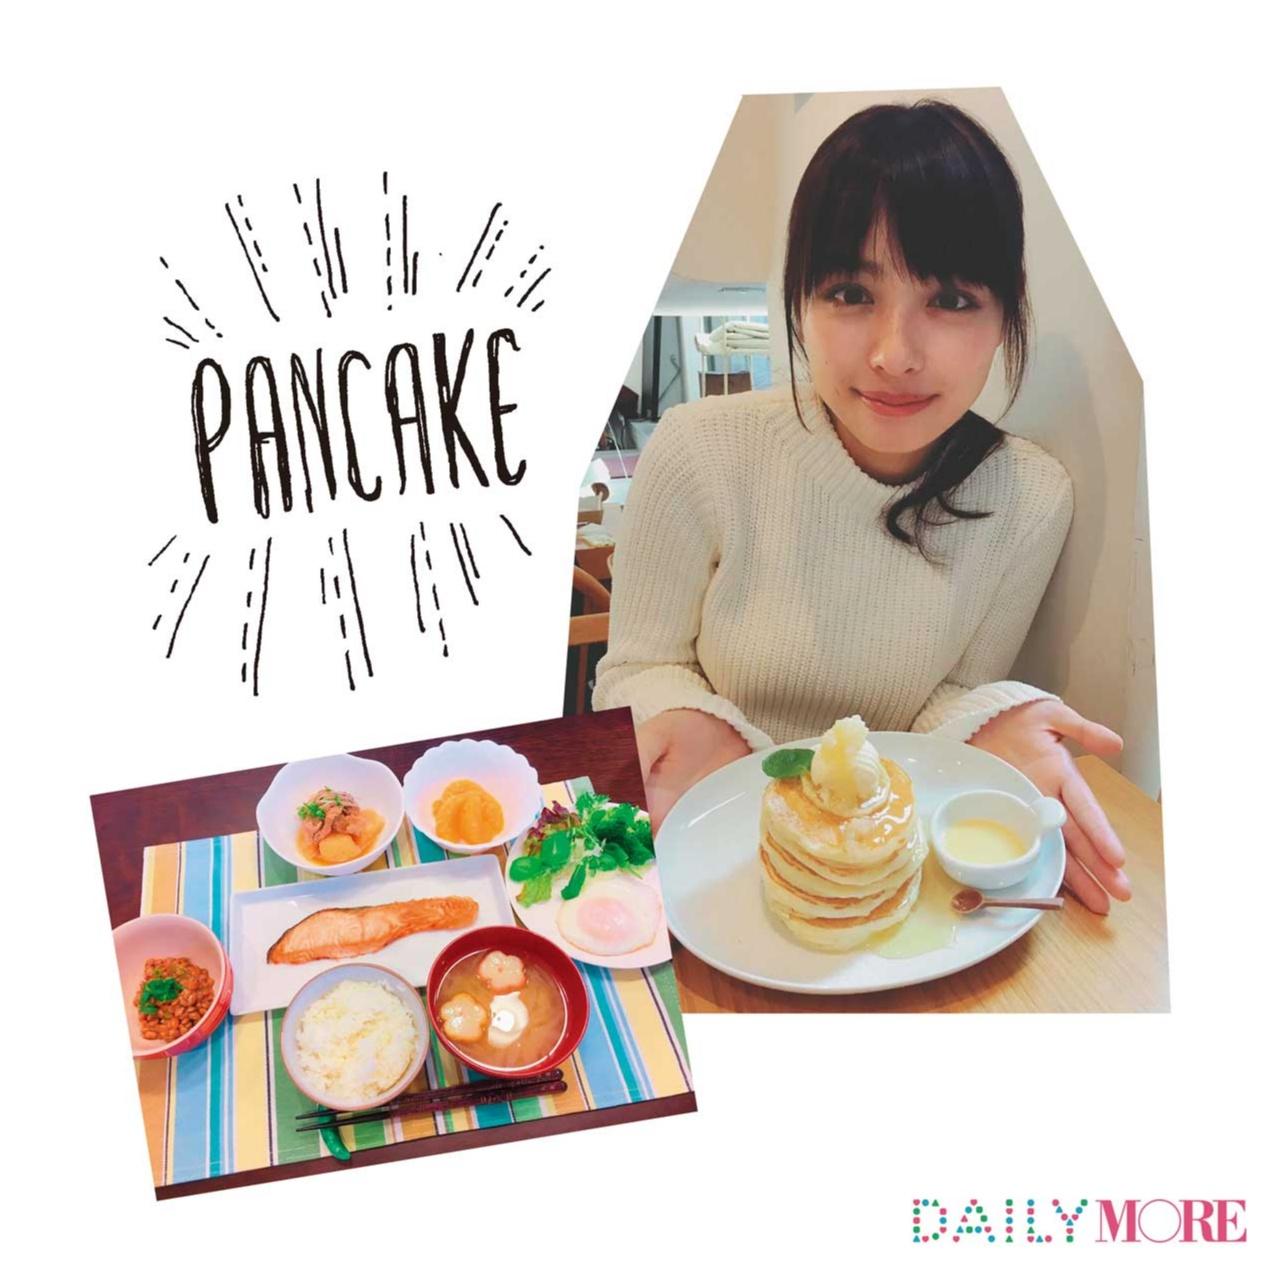 【内田理央のデジレポ。】だーりお的オフの日の楽しみは、のんびりパンケーキを食べること♡_1